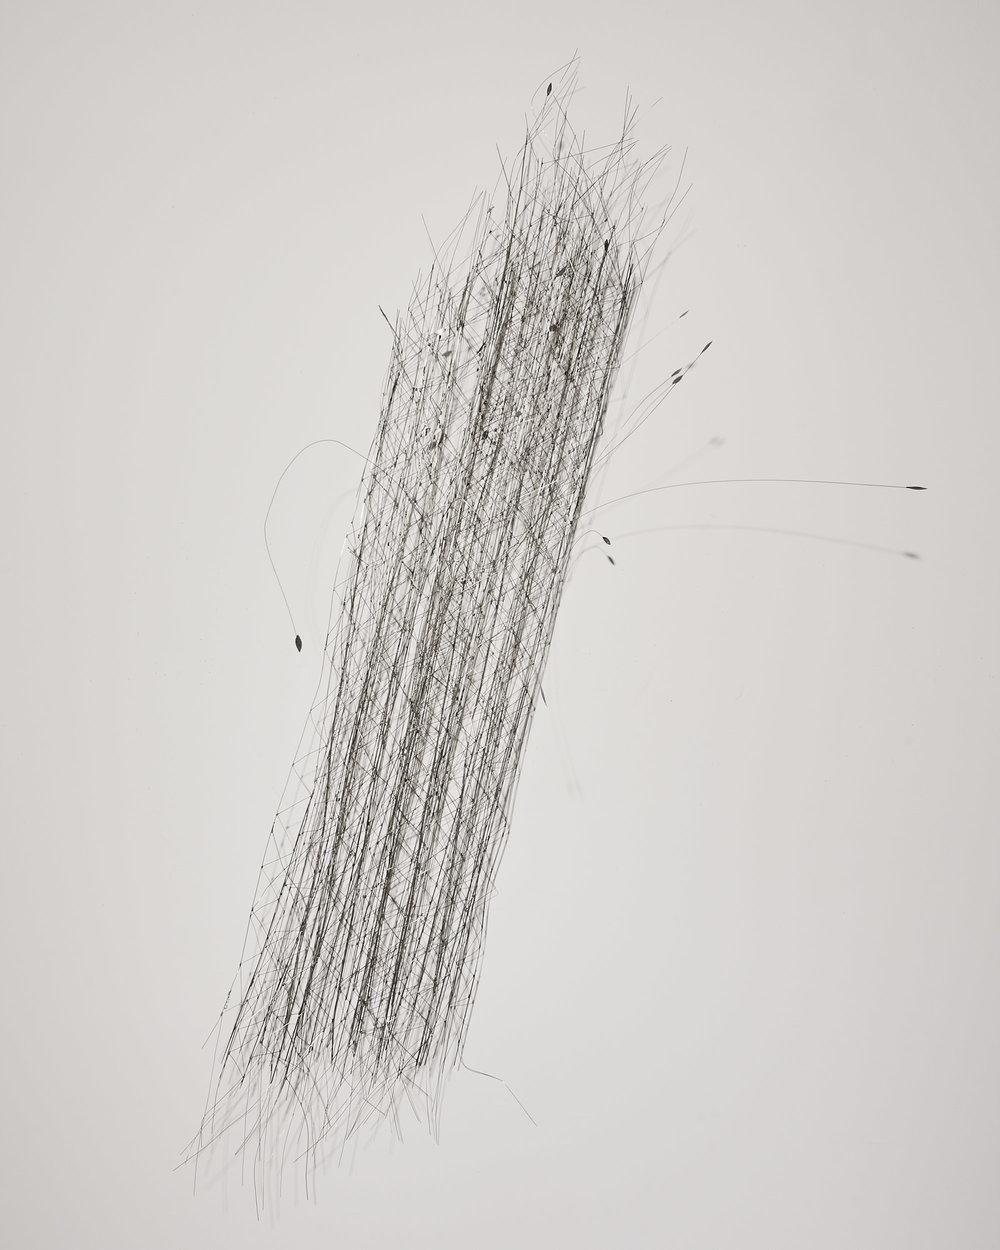 Gerbe 3   2008, fils de maillechort, soudure, peinture  40x60cm